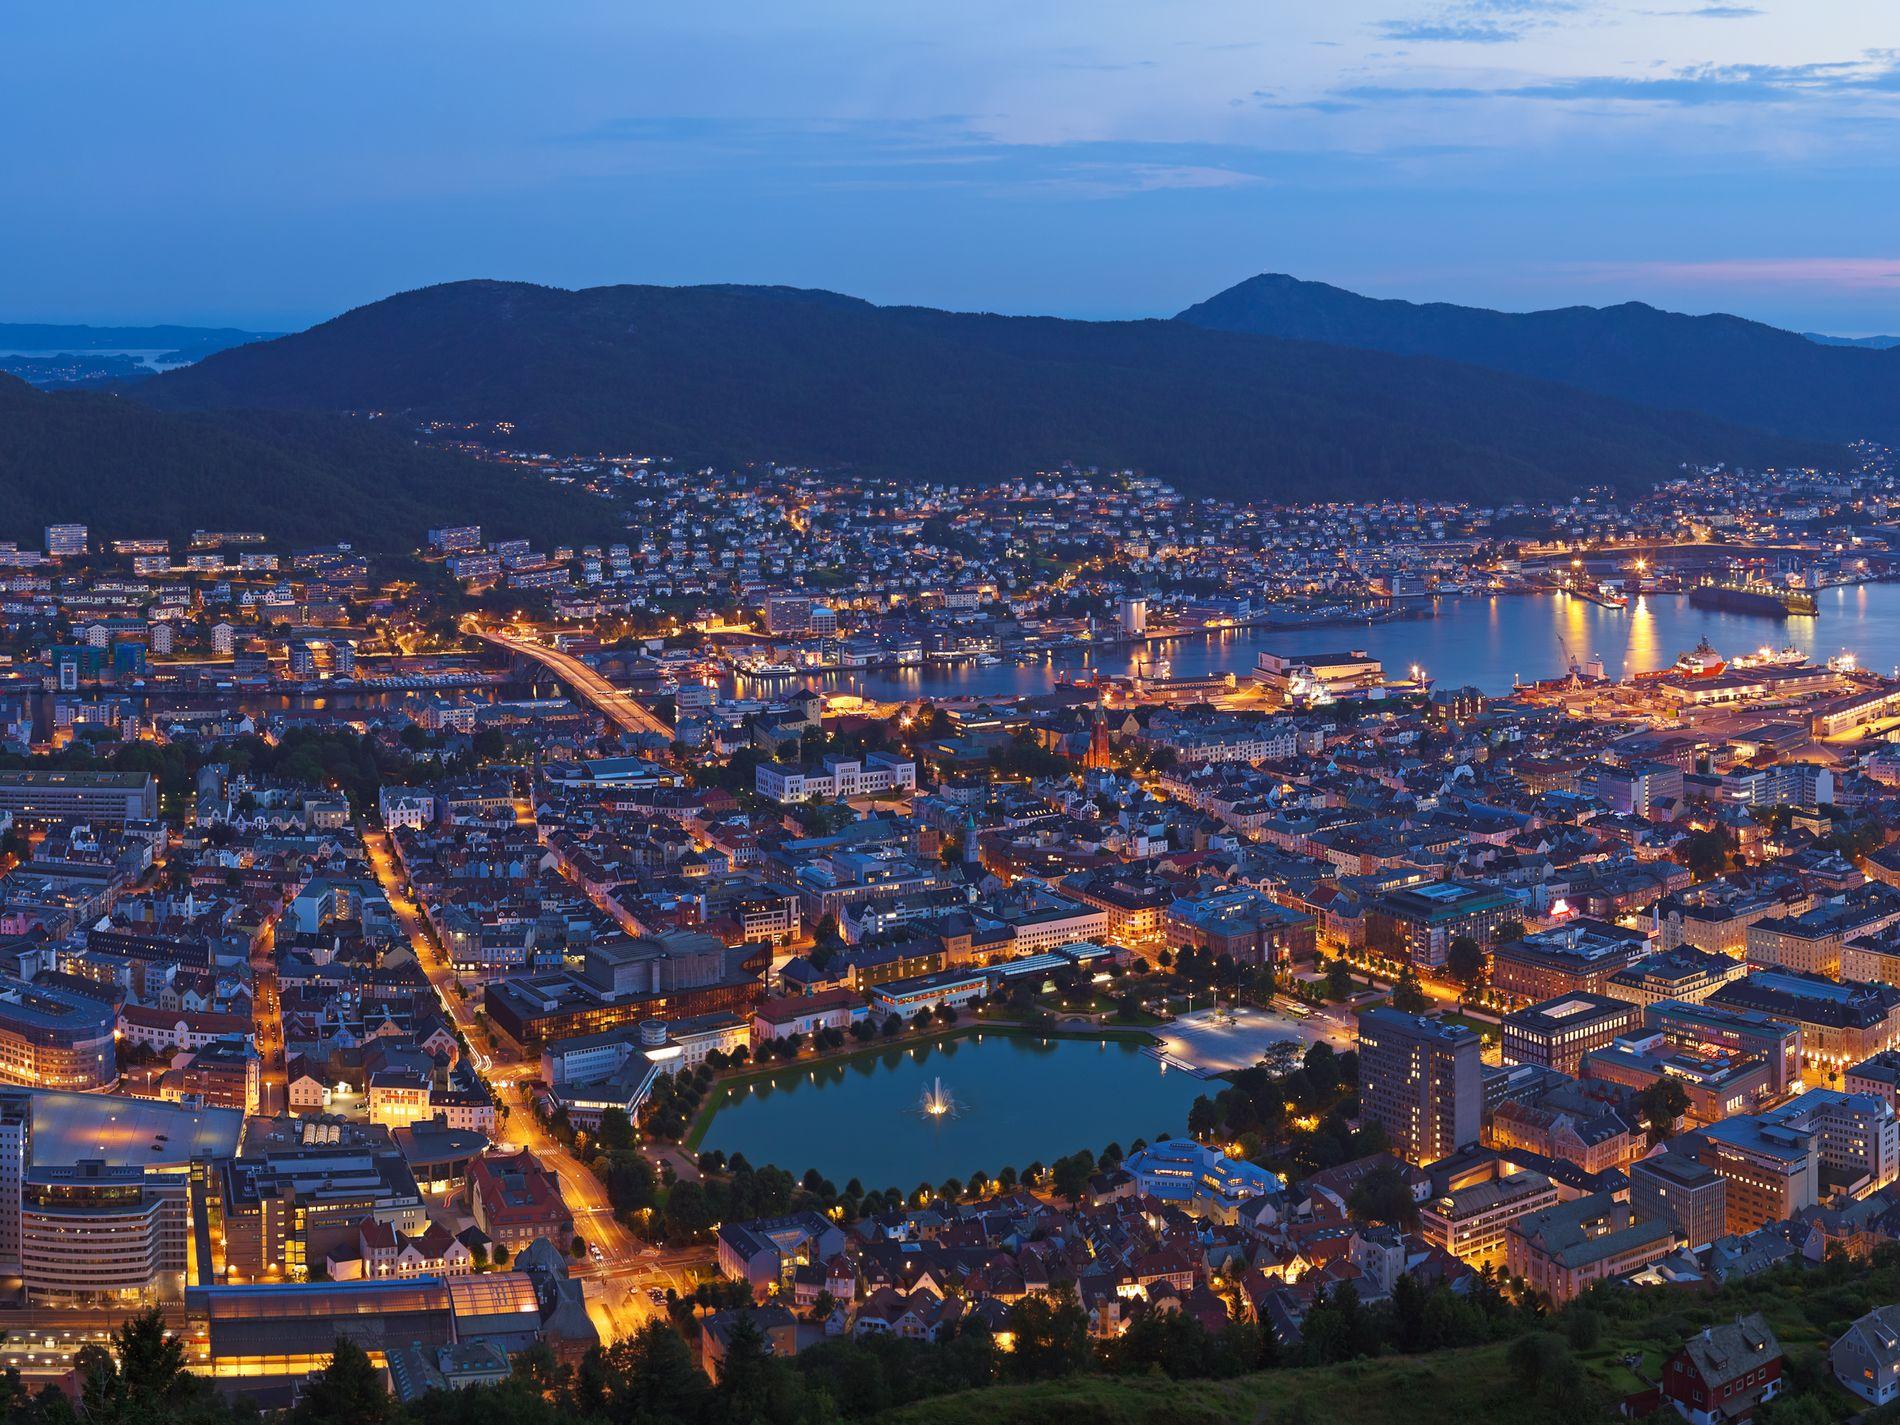 NÆR BYEN:  Alt som skjer i Bergen kan me i framtida tilby hurtigare frå Arna, enn det no tar å nå Fløyen eller Vidden frå sentrum, skriv innsendaren.